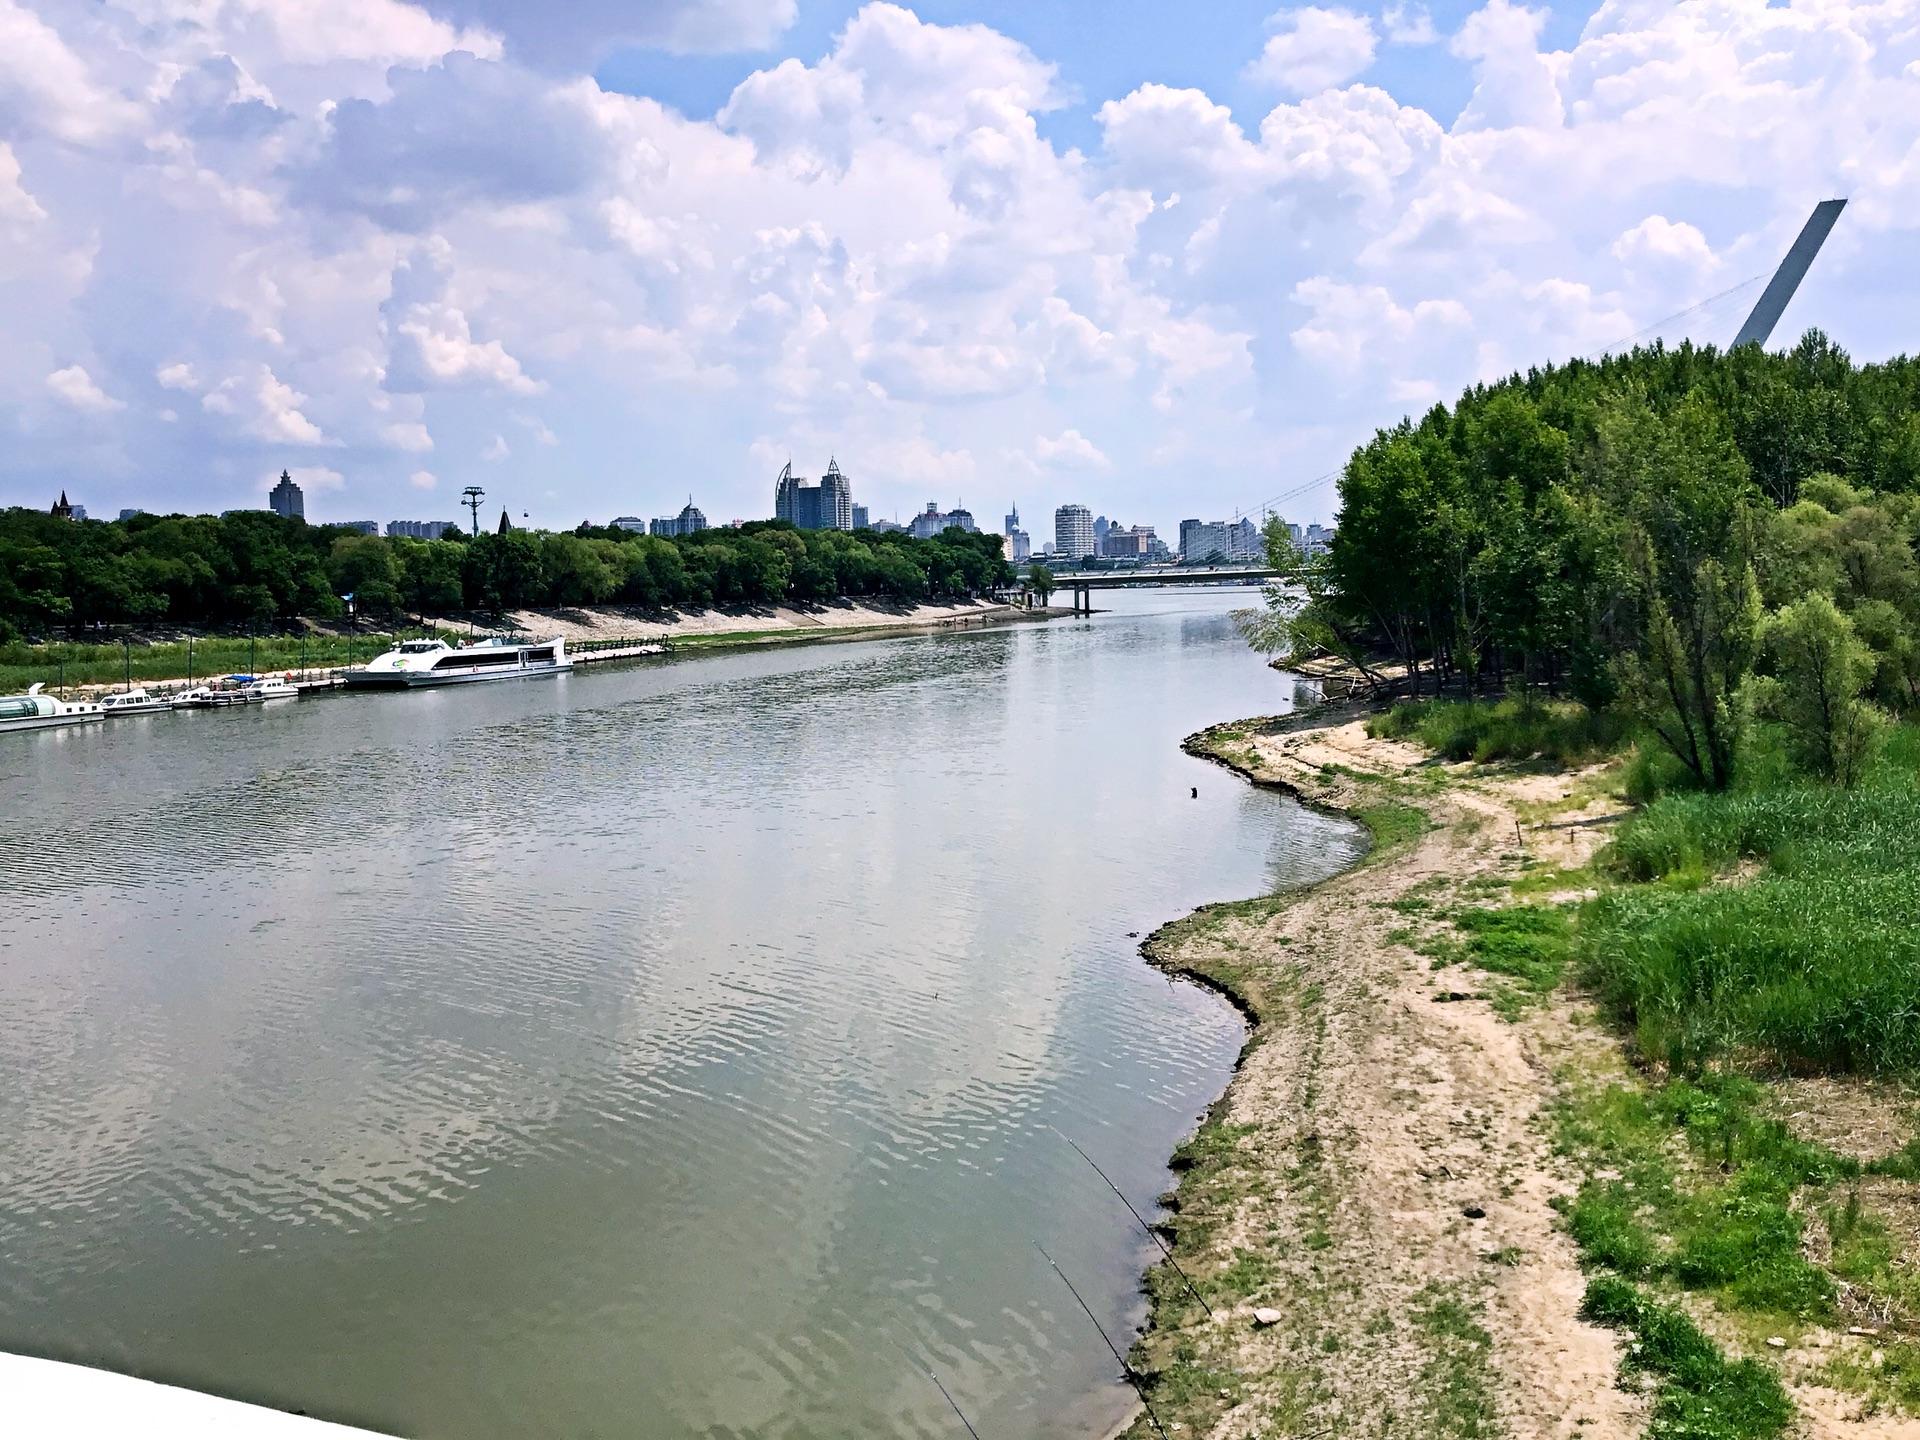 哈尔滨夏季旅游景点,哈尔滨旅游必去景点,哈尔滨值得去的景点